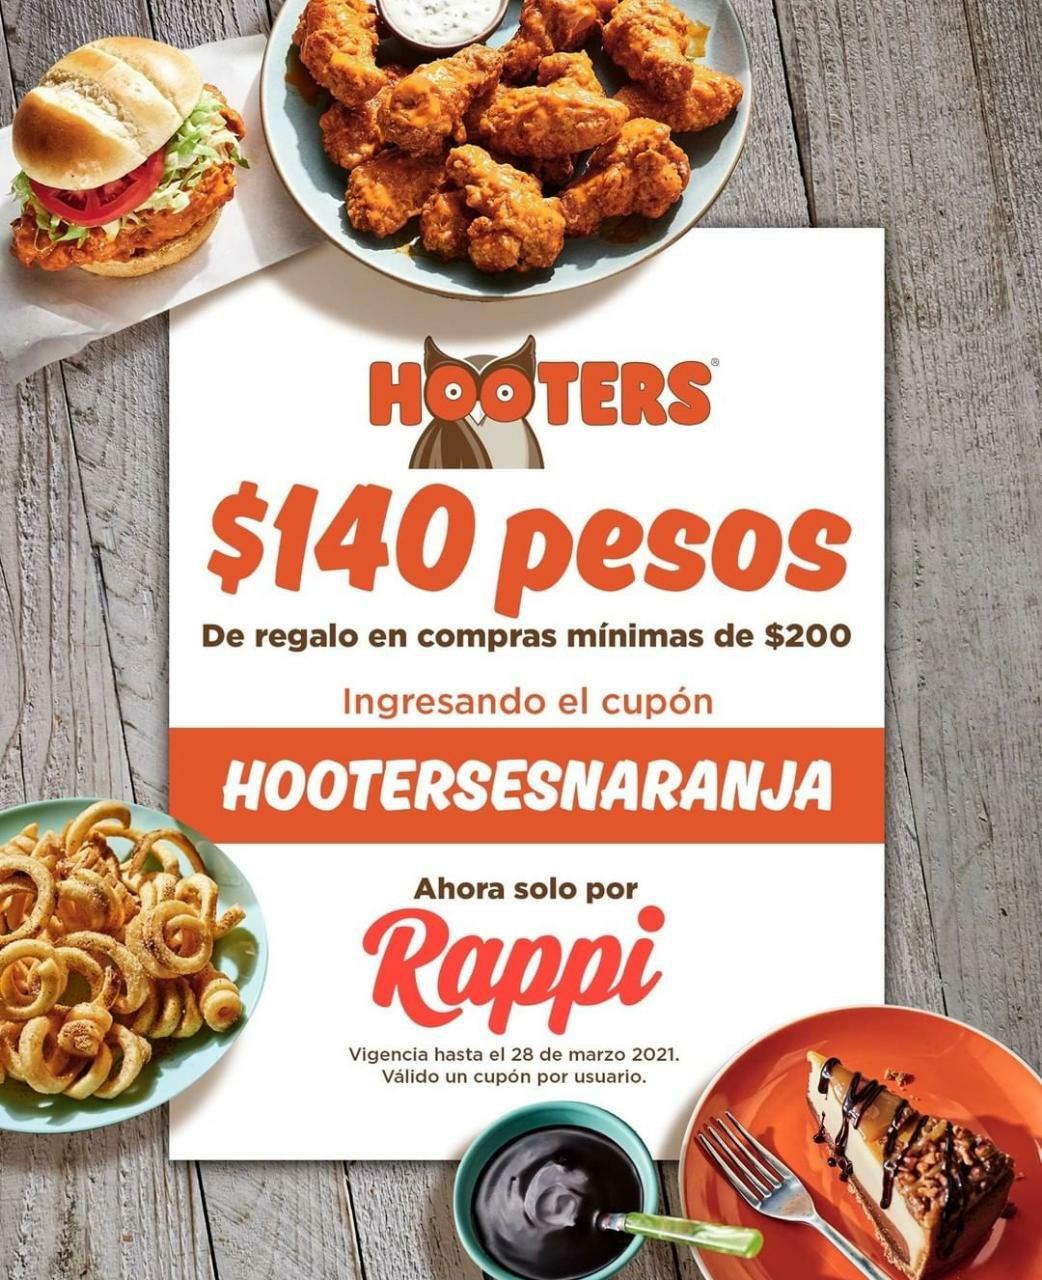 Rappi: Hooters, 140 pesos de regalo